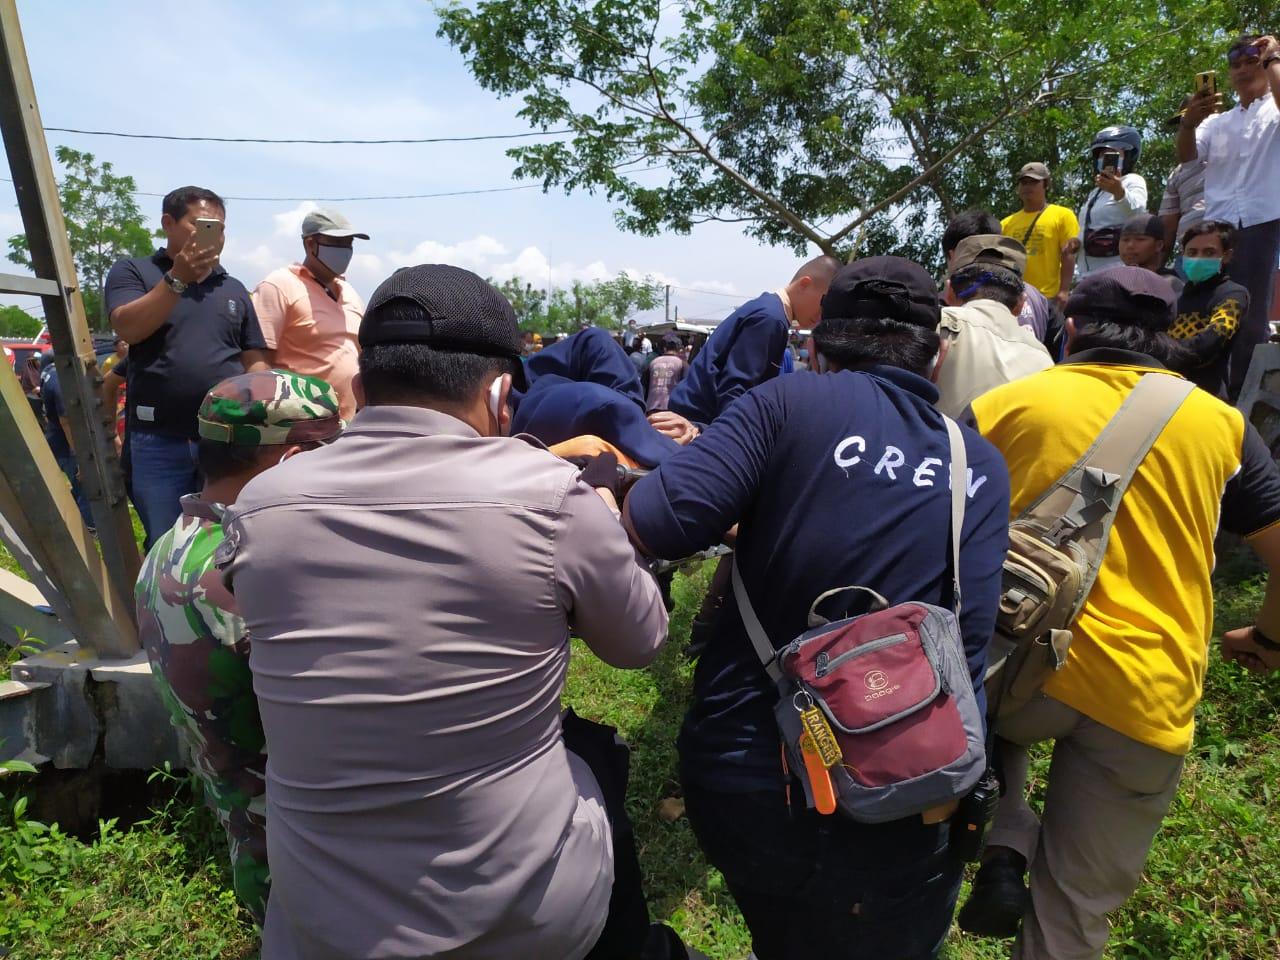 Seorang Wanita Mencoba Bunuh Diri Dari Tower Sutet, Tim Gabungan Evakuasi Berjalan Menegangkan